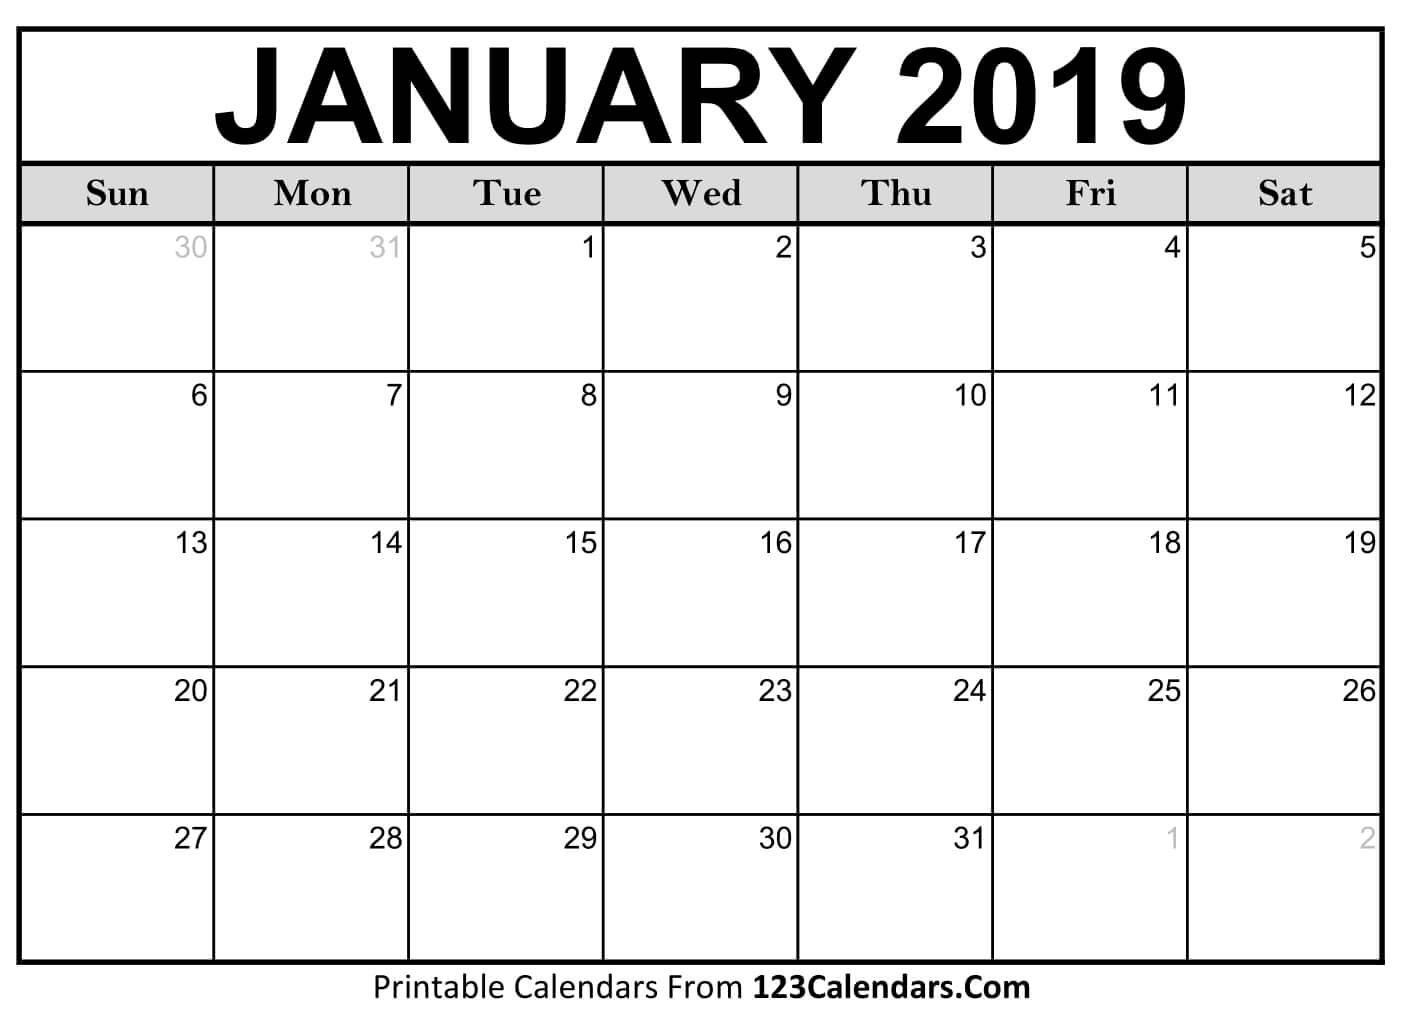 2019 Printable Calendar - 123Calendars Calendar 2019 Enero